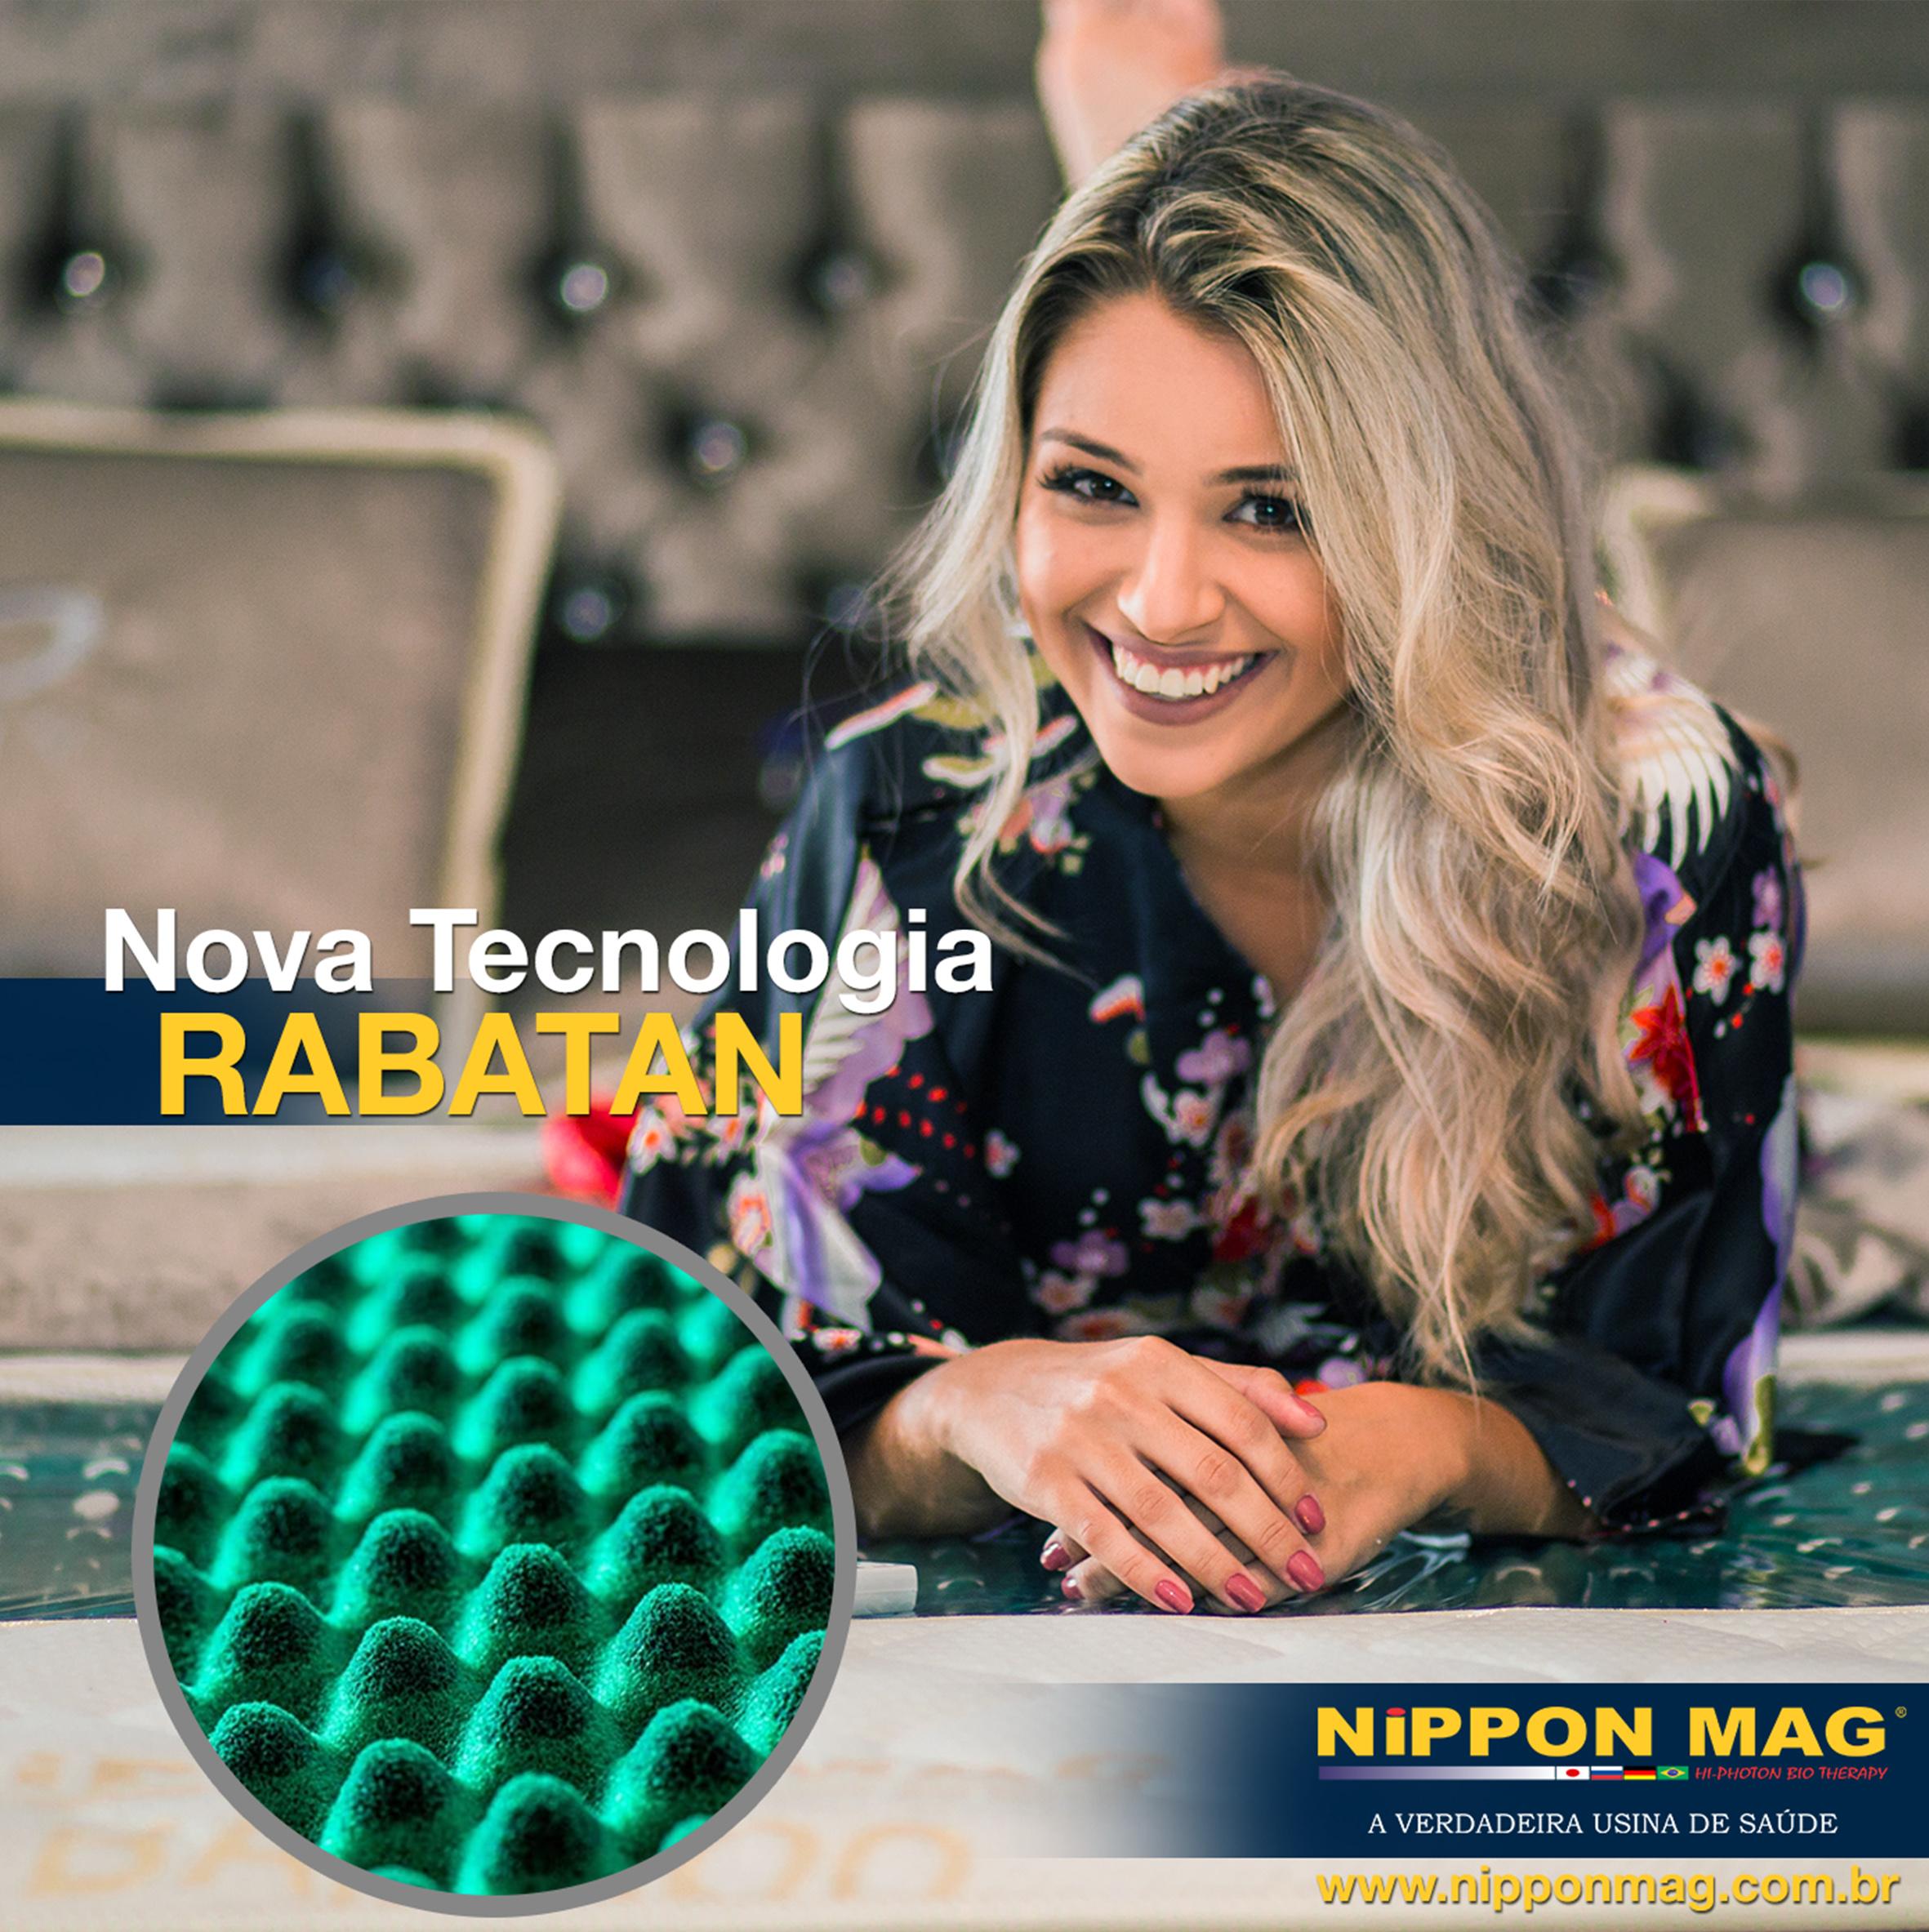 Nippon Mag